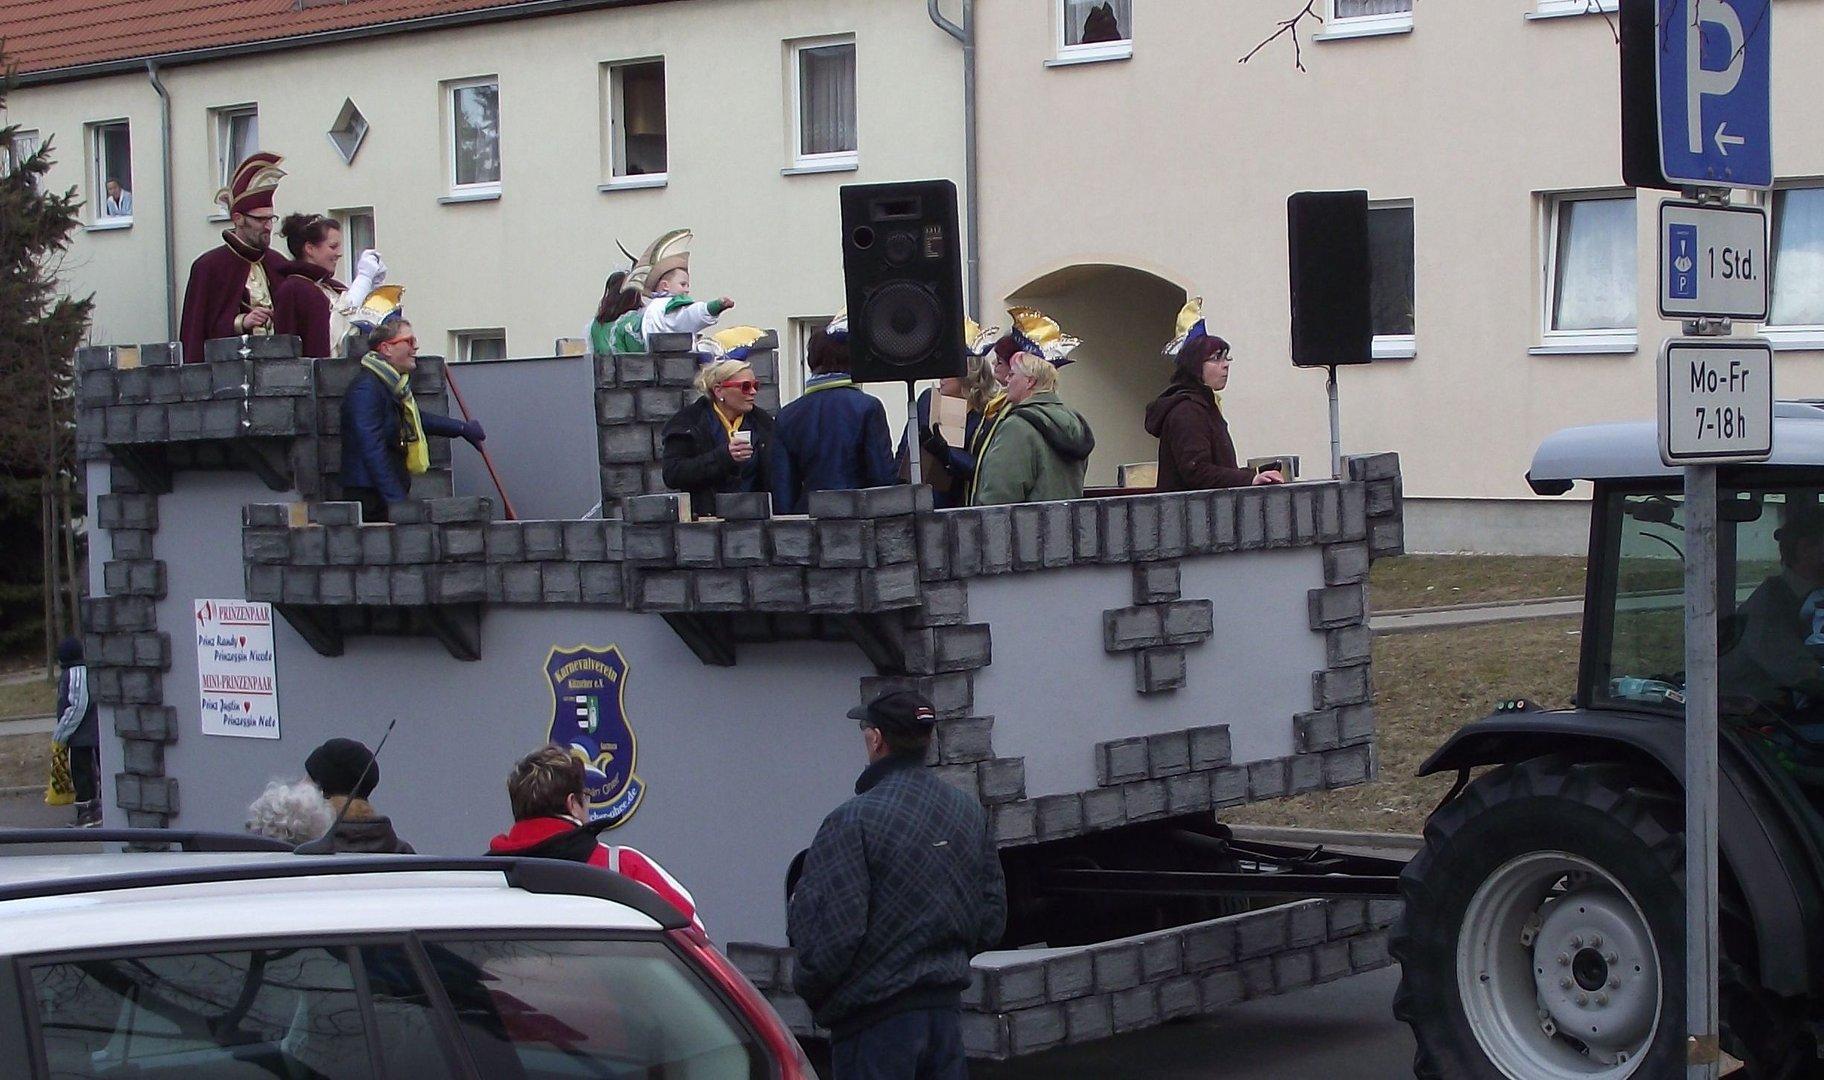 Faschingsumzug in Kitzscher am 06.03.2011 ( b )